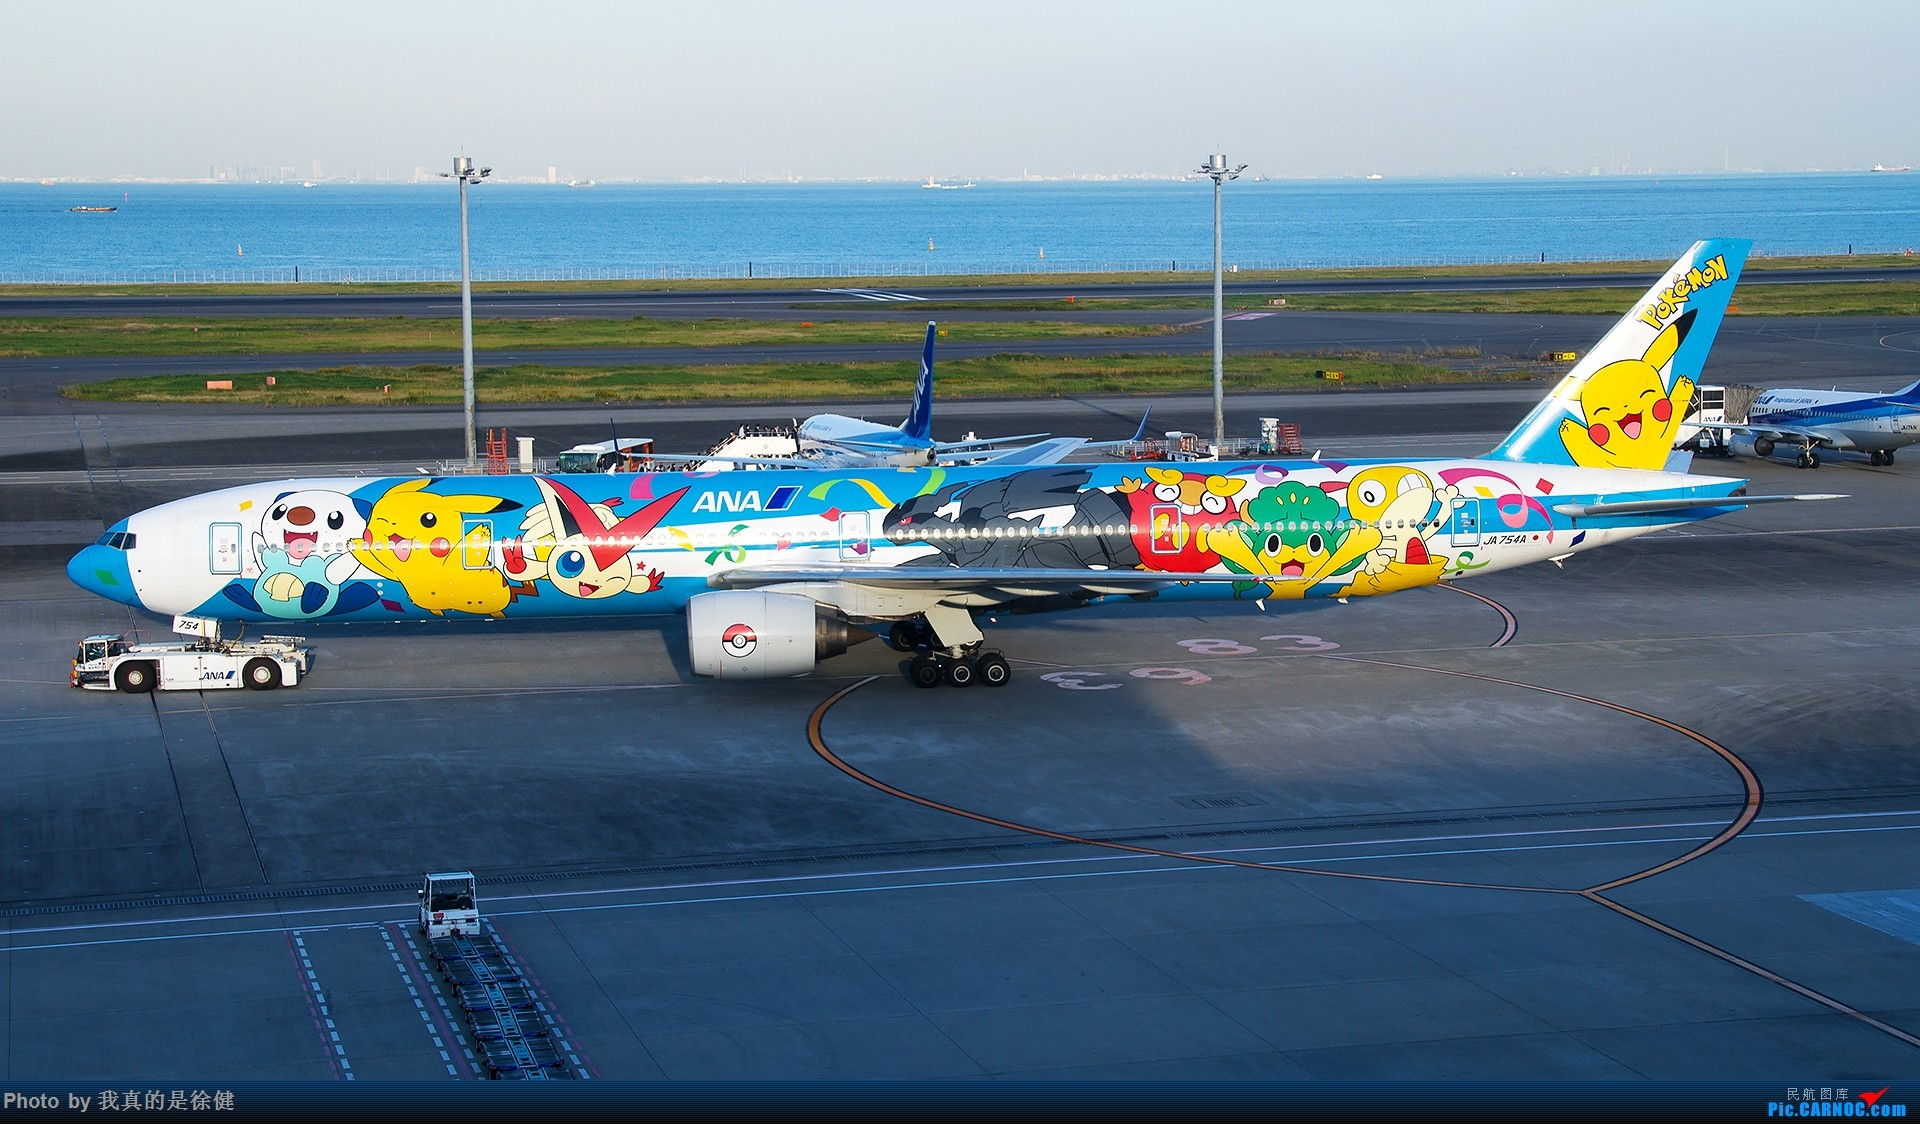 [原创]【一图党】1920x1080 全日空 Boeing777-300 JA754A 口袋妖怪涂装 BOEING 777-300 JA754A 日本东京羽田国际机场